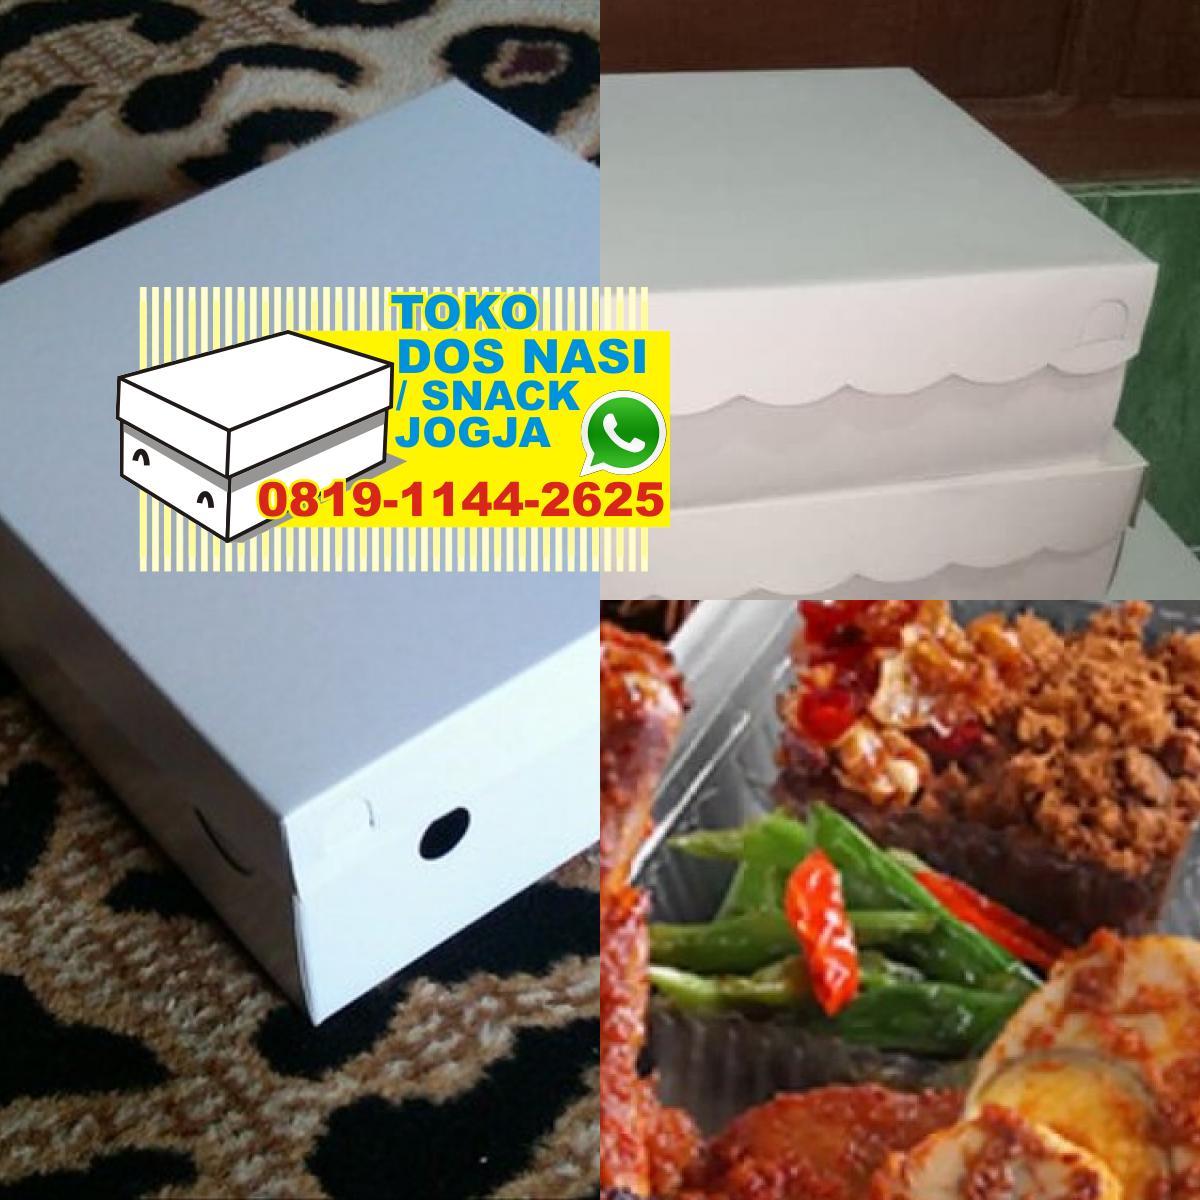 Harga Snack Box Yogyakarta - O8I9 II44 2625 (WA) cetak ...